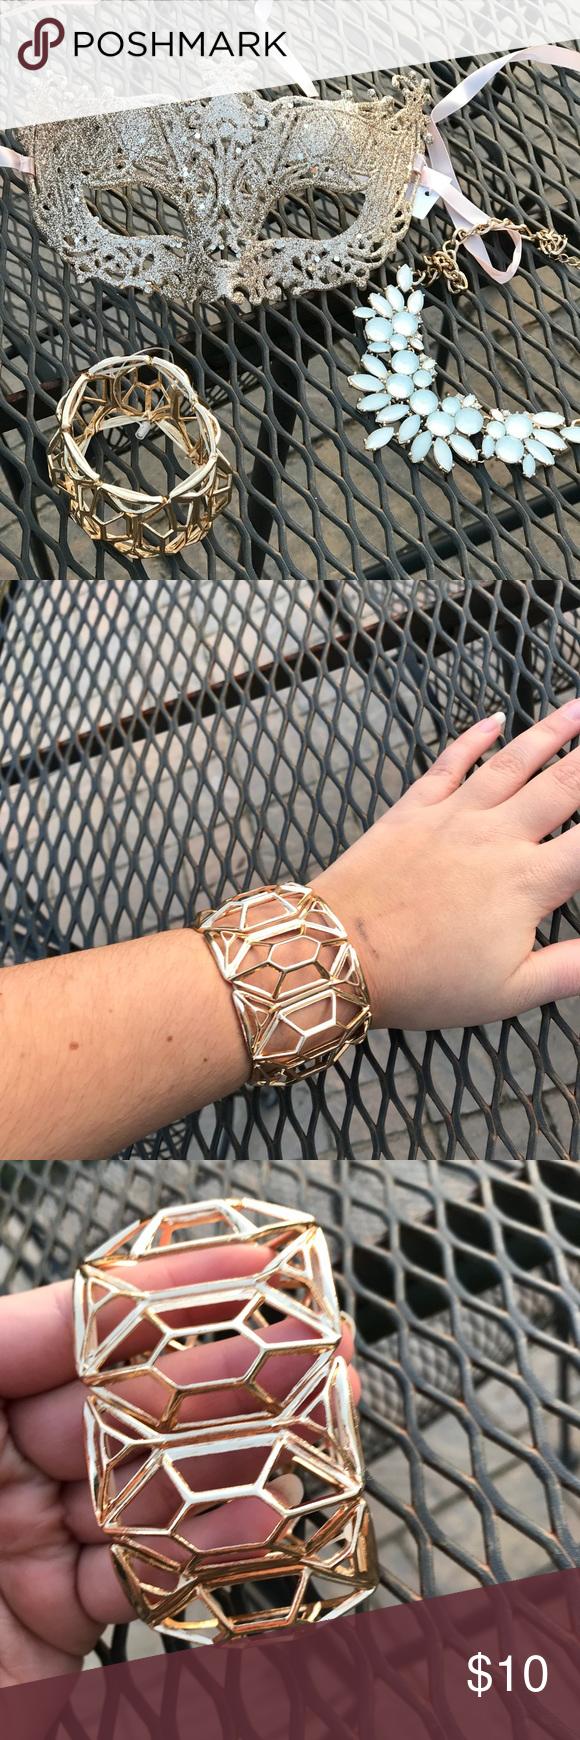 Gold chunky bracelet gold chunky statement bracelet brand new